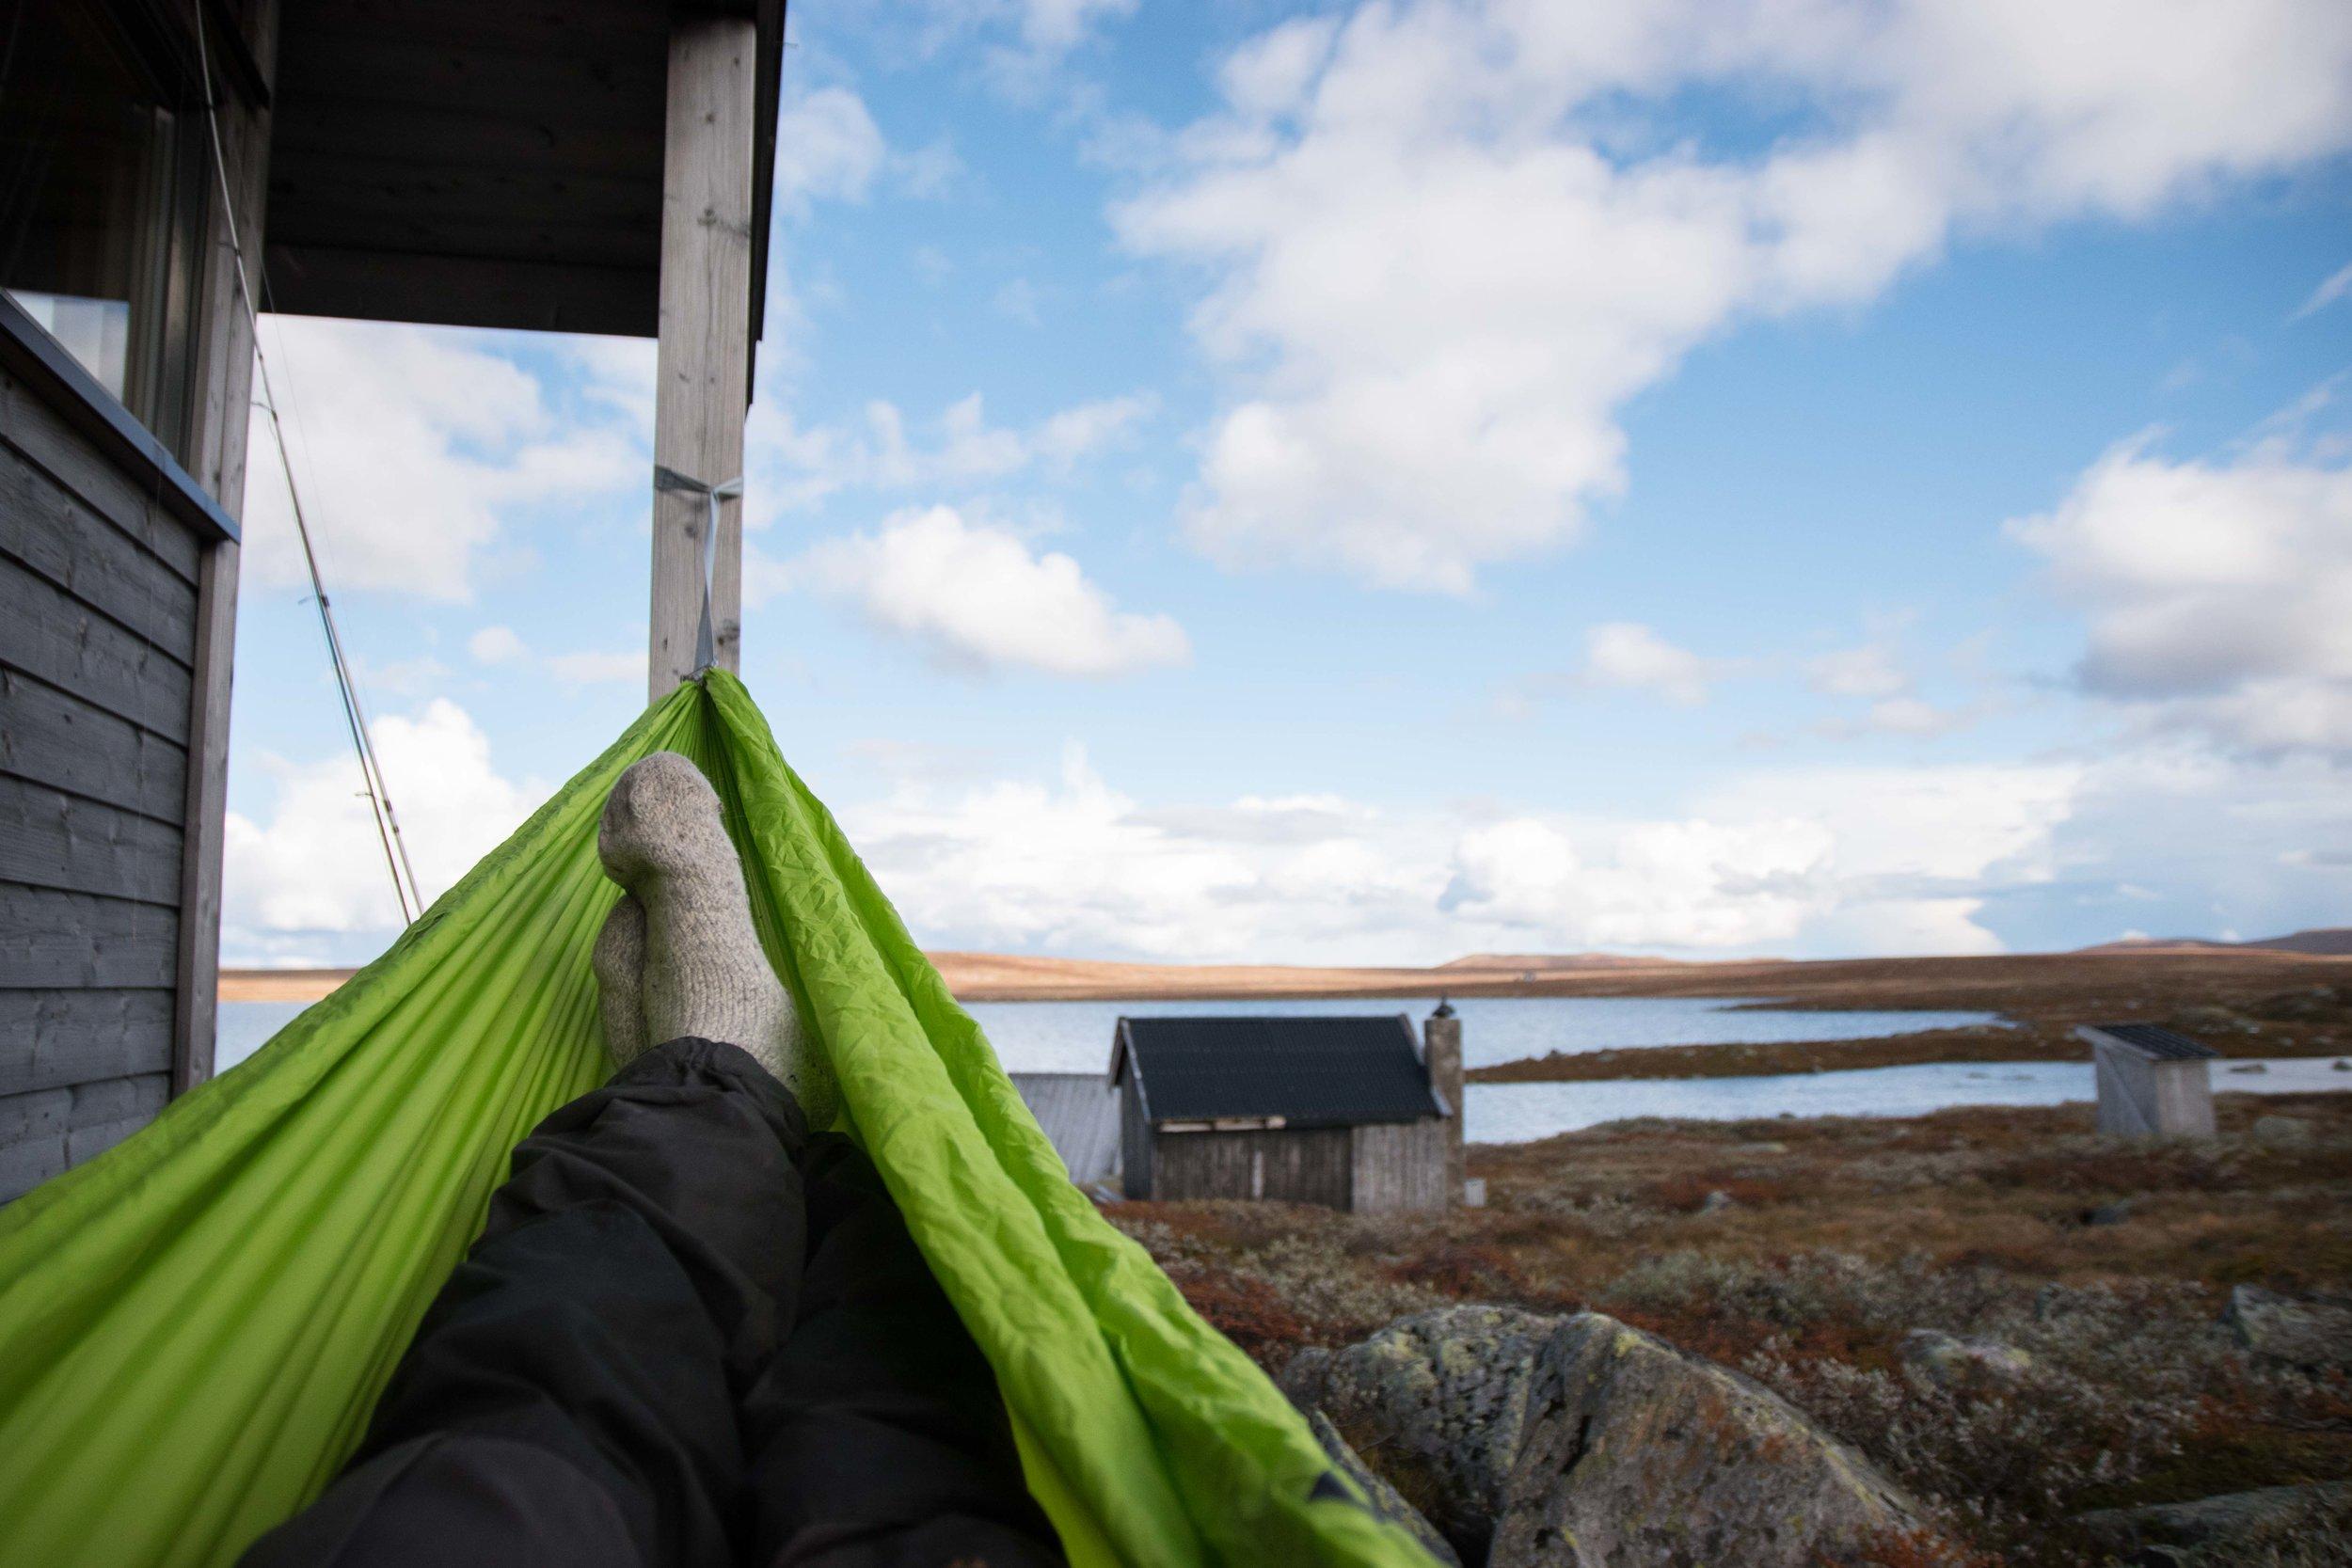 Hengekøyer til alle! - I samarbeid med Revir Oslo har vi Sea to summit hengekøyer tilgjengelig for leie og kjøp!